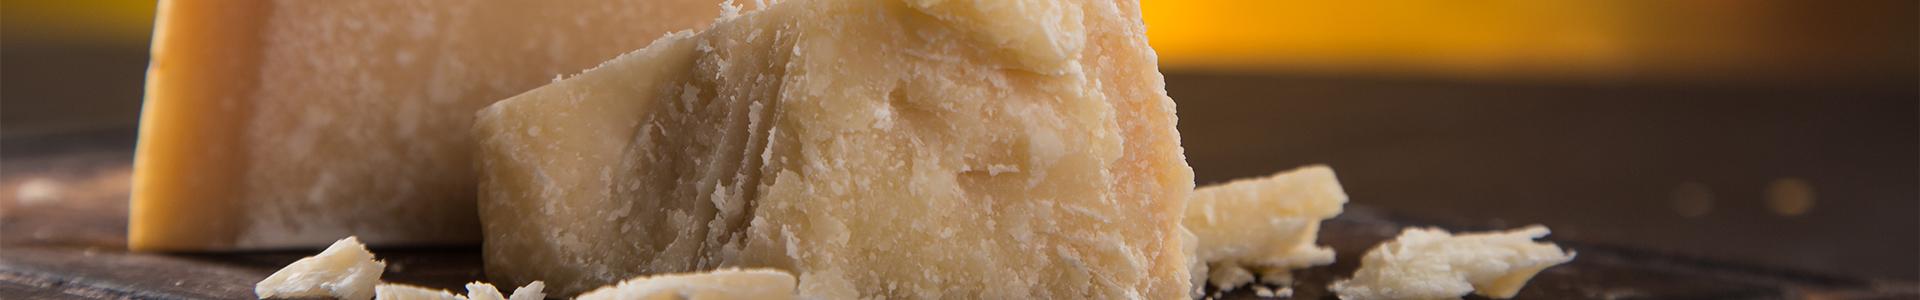 Parmigiano Reggiano Vacche Rosse